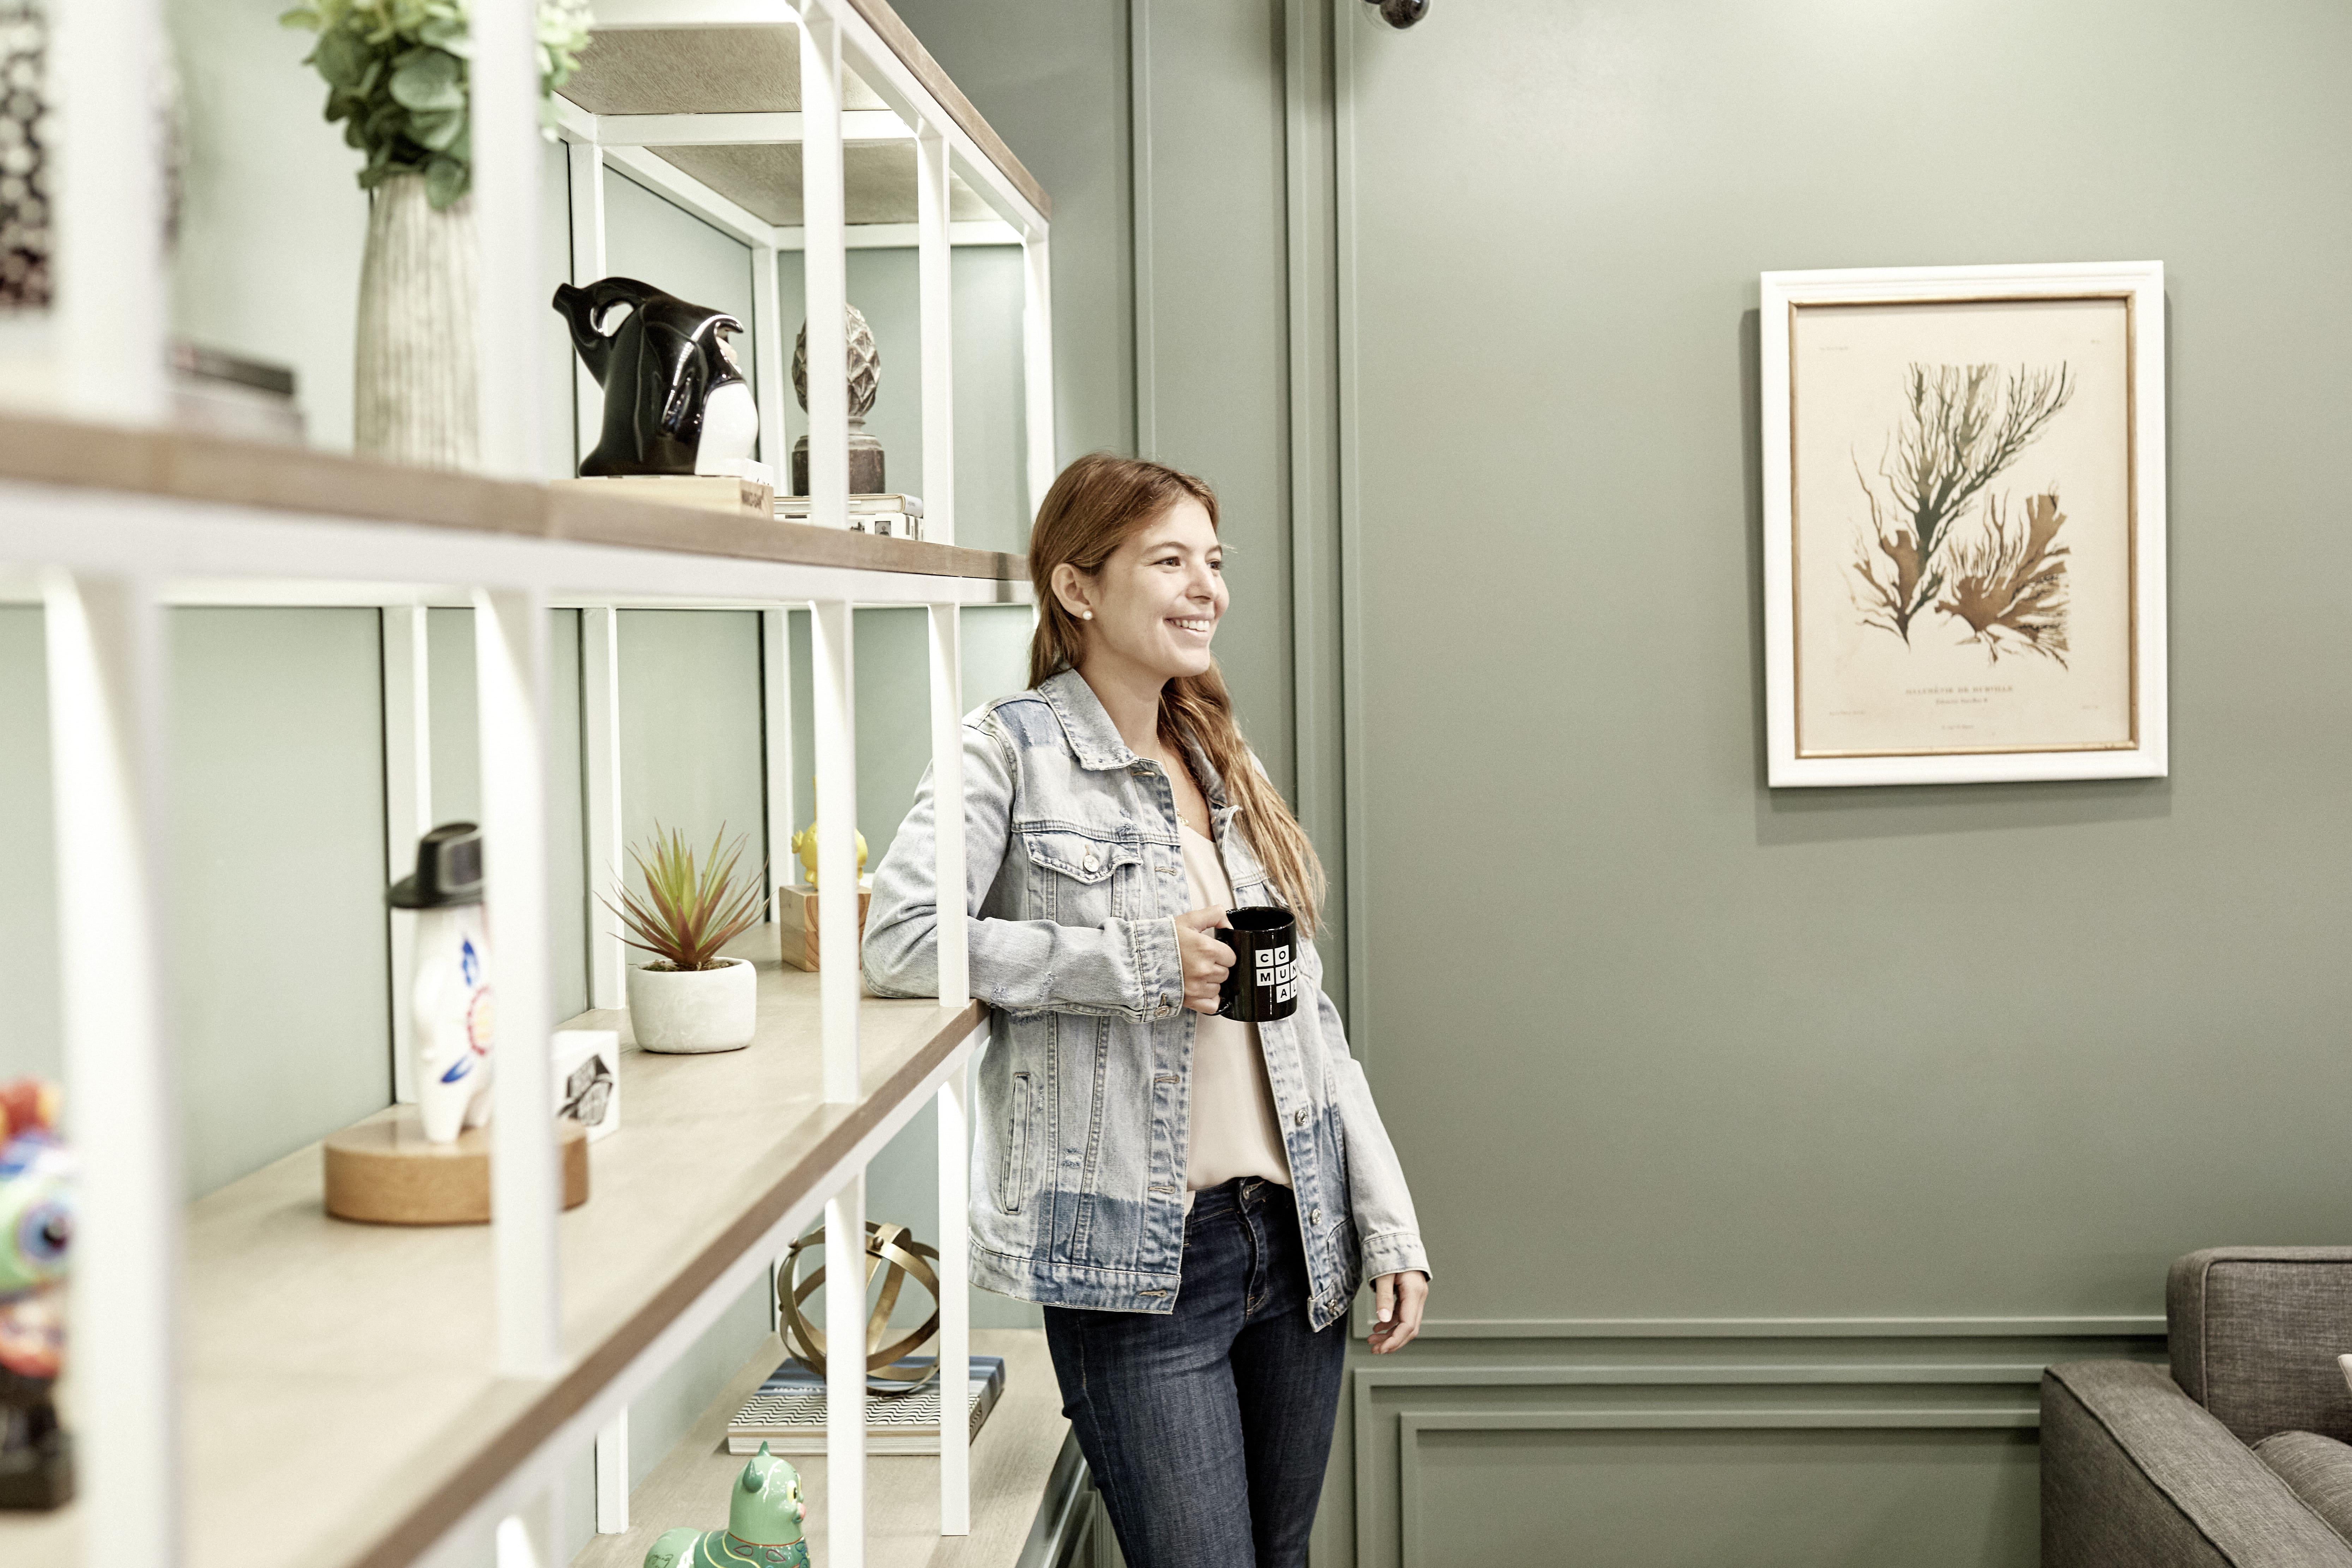 mujer sonriente tomando cafe en su casa